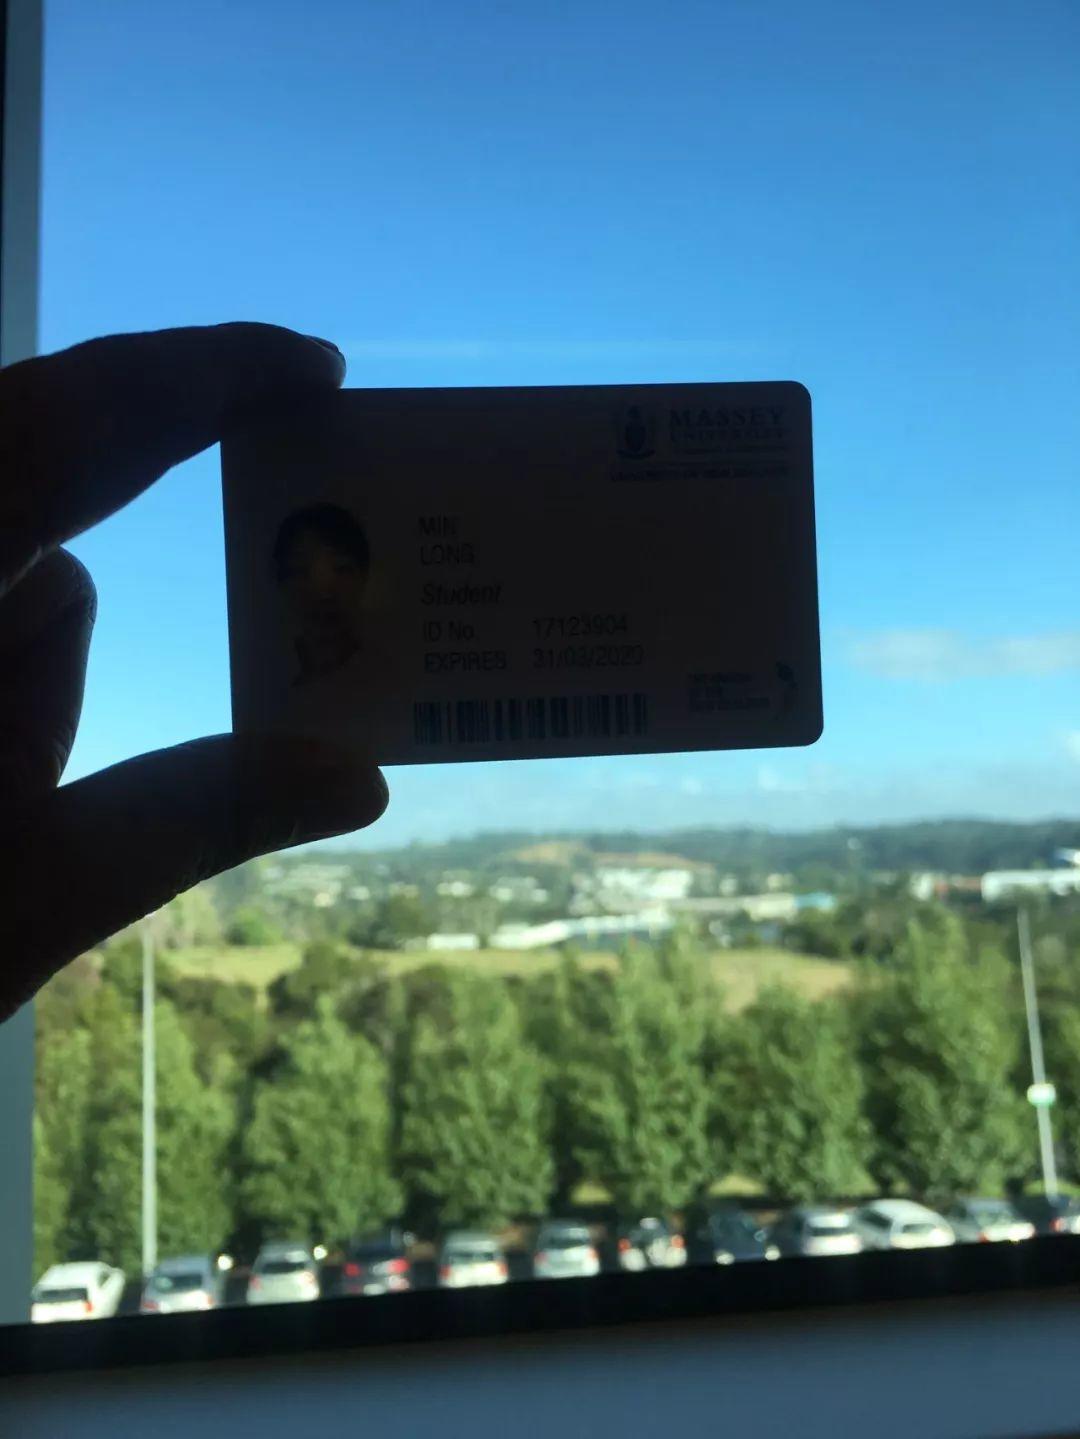 肥腻中年,去新西兰念大学,是我做过最正确的选择